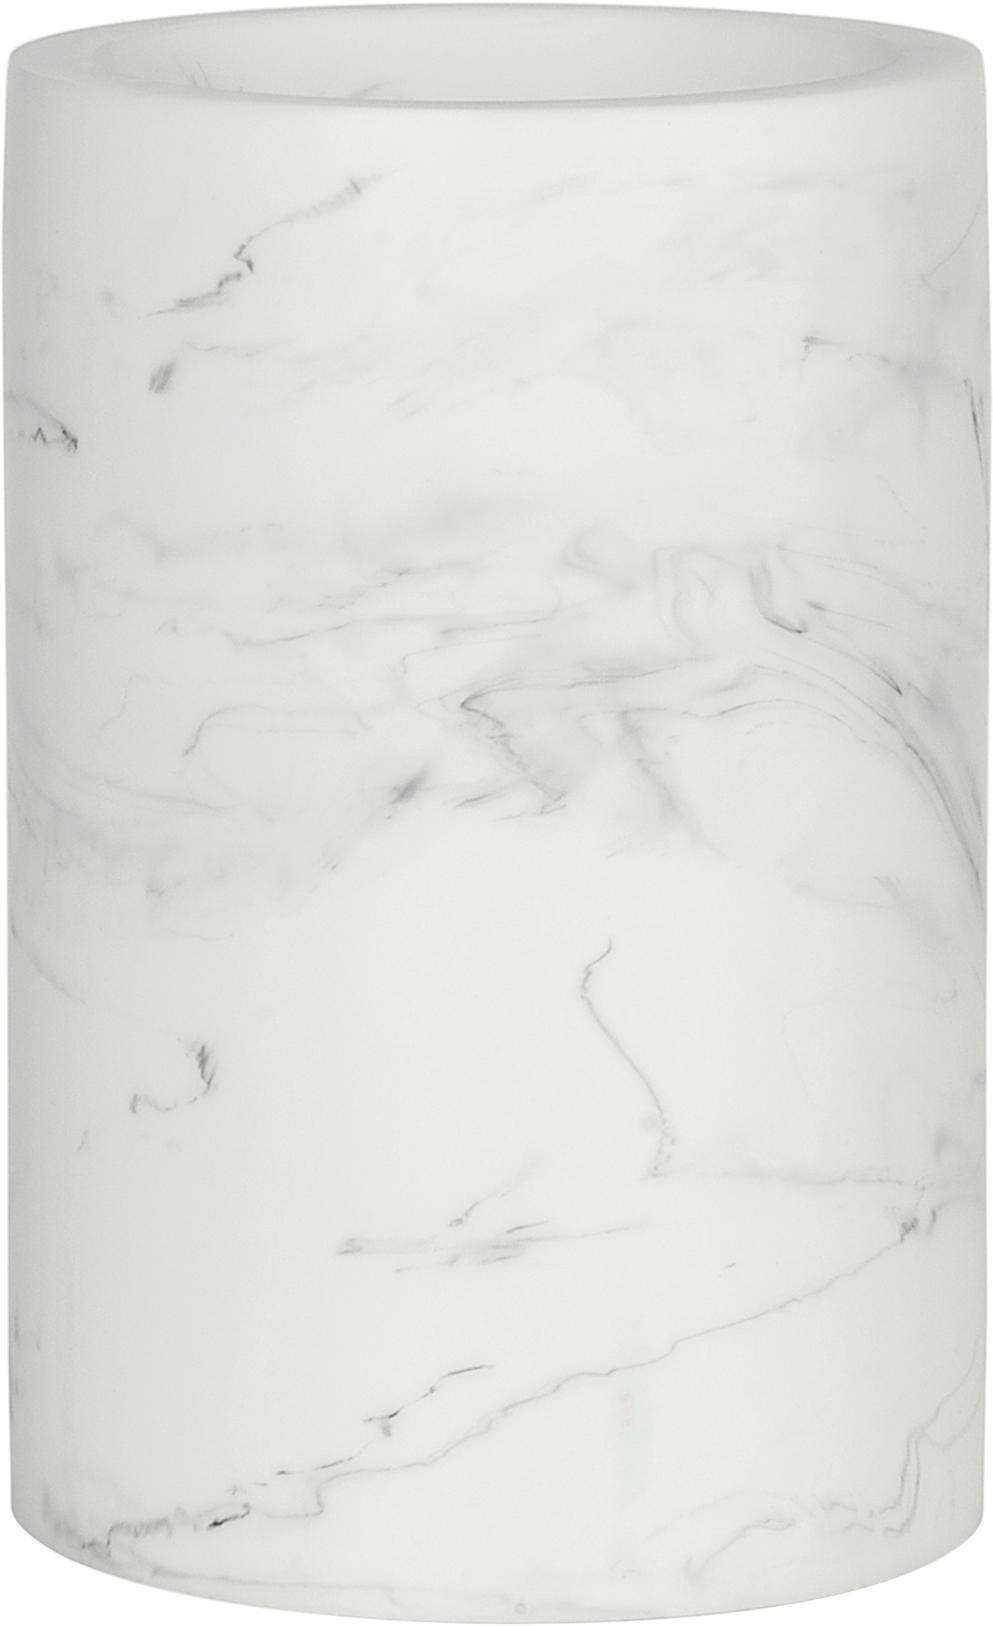 Zahnputzbecher Swan in Marmor-Optik, Kunststoff (Polyresin), Weiss, marmoriert, Ø 7 x H 11 cm